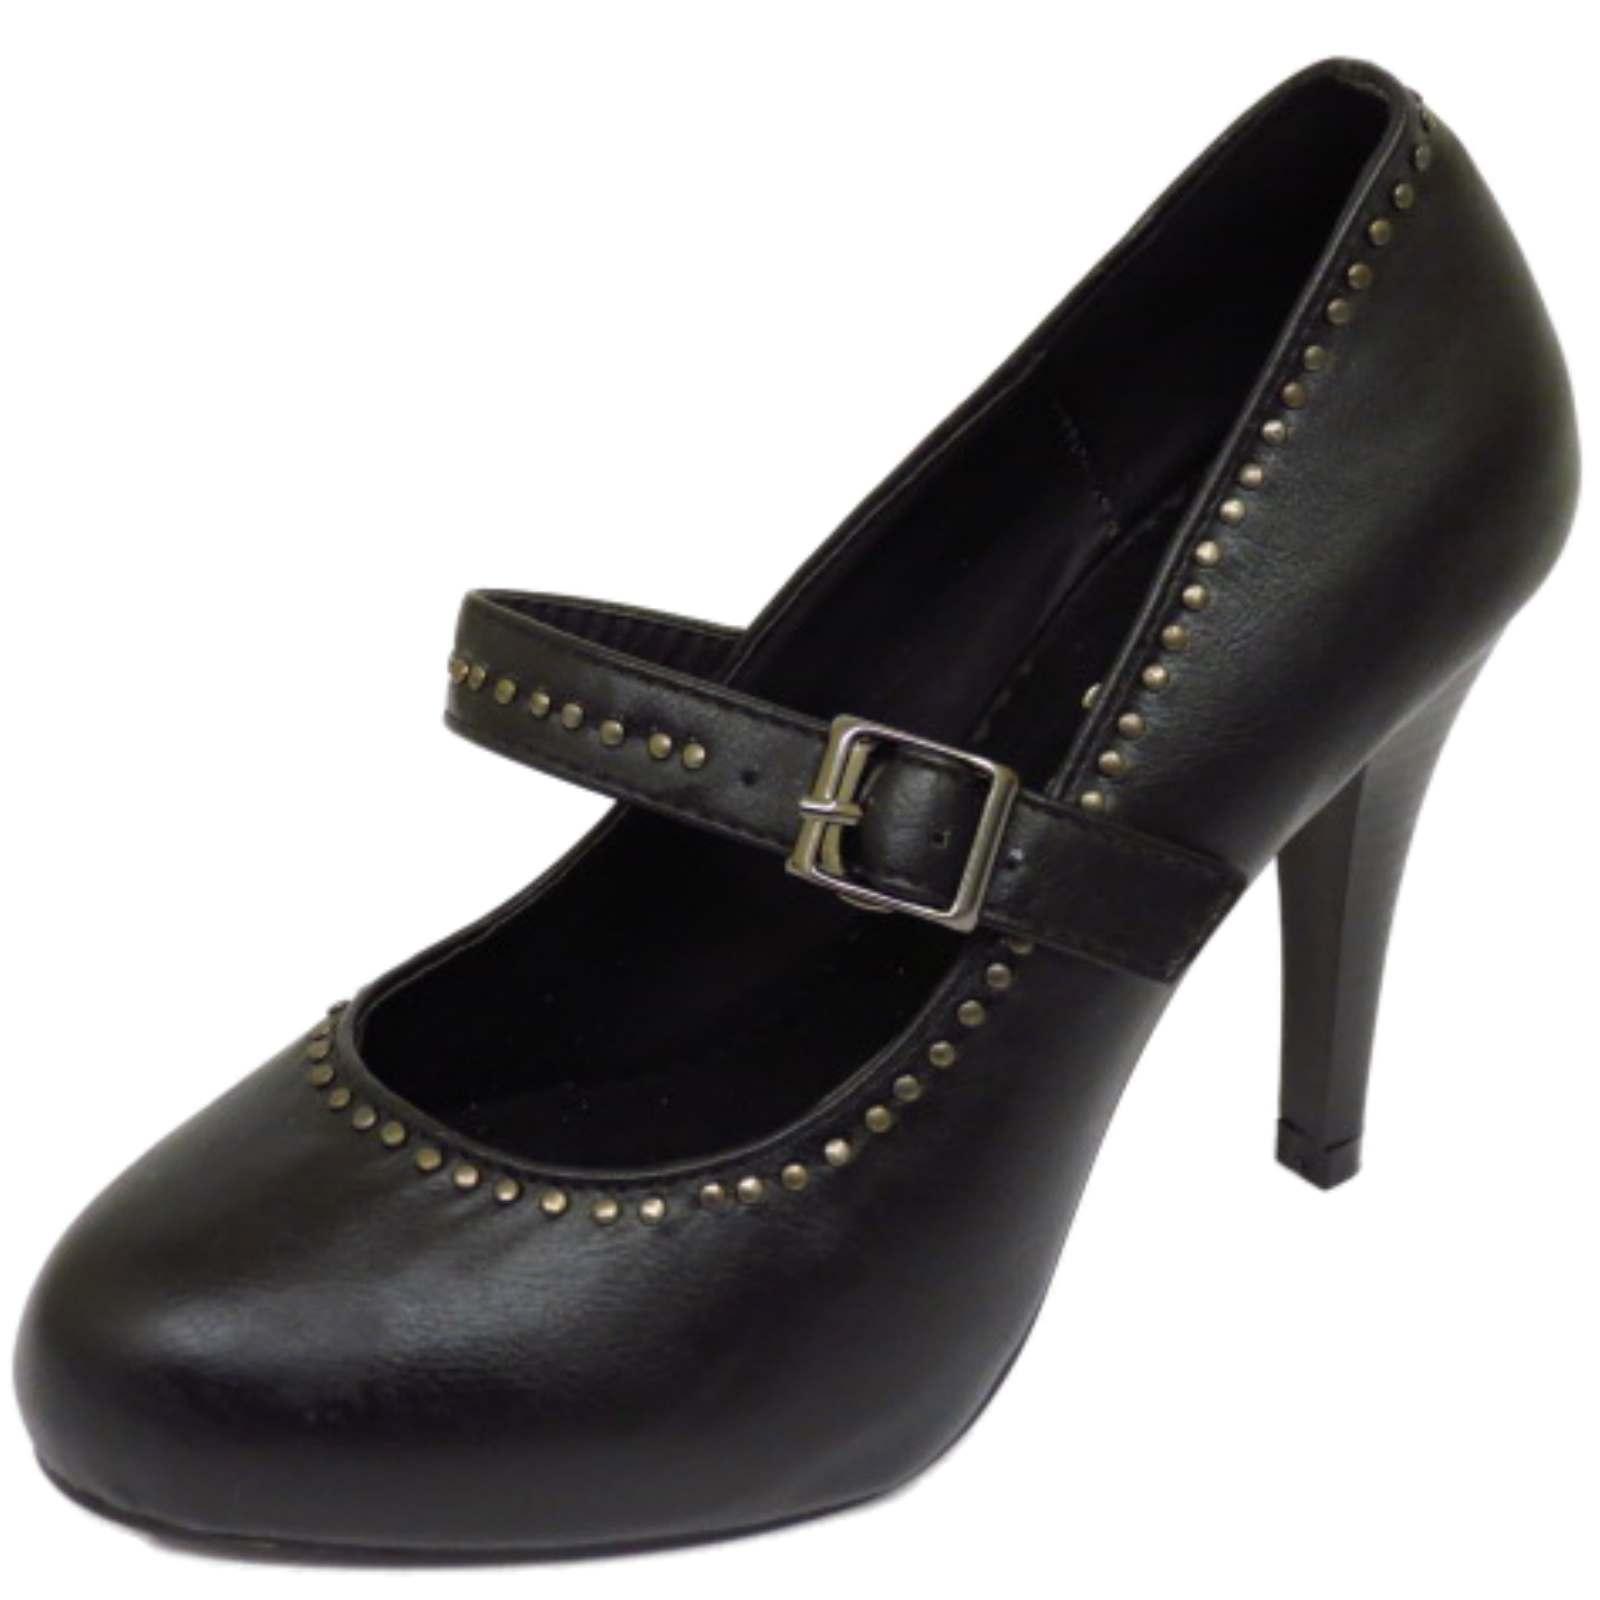 Mary Jane Platform Shoes Uk